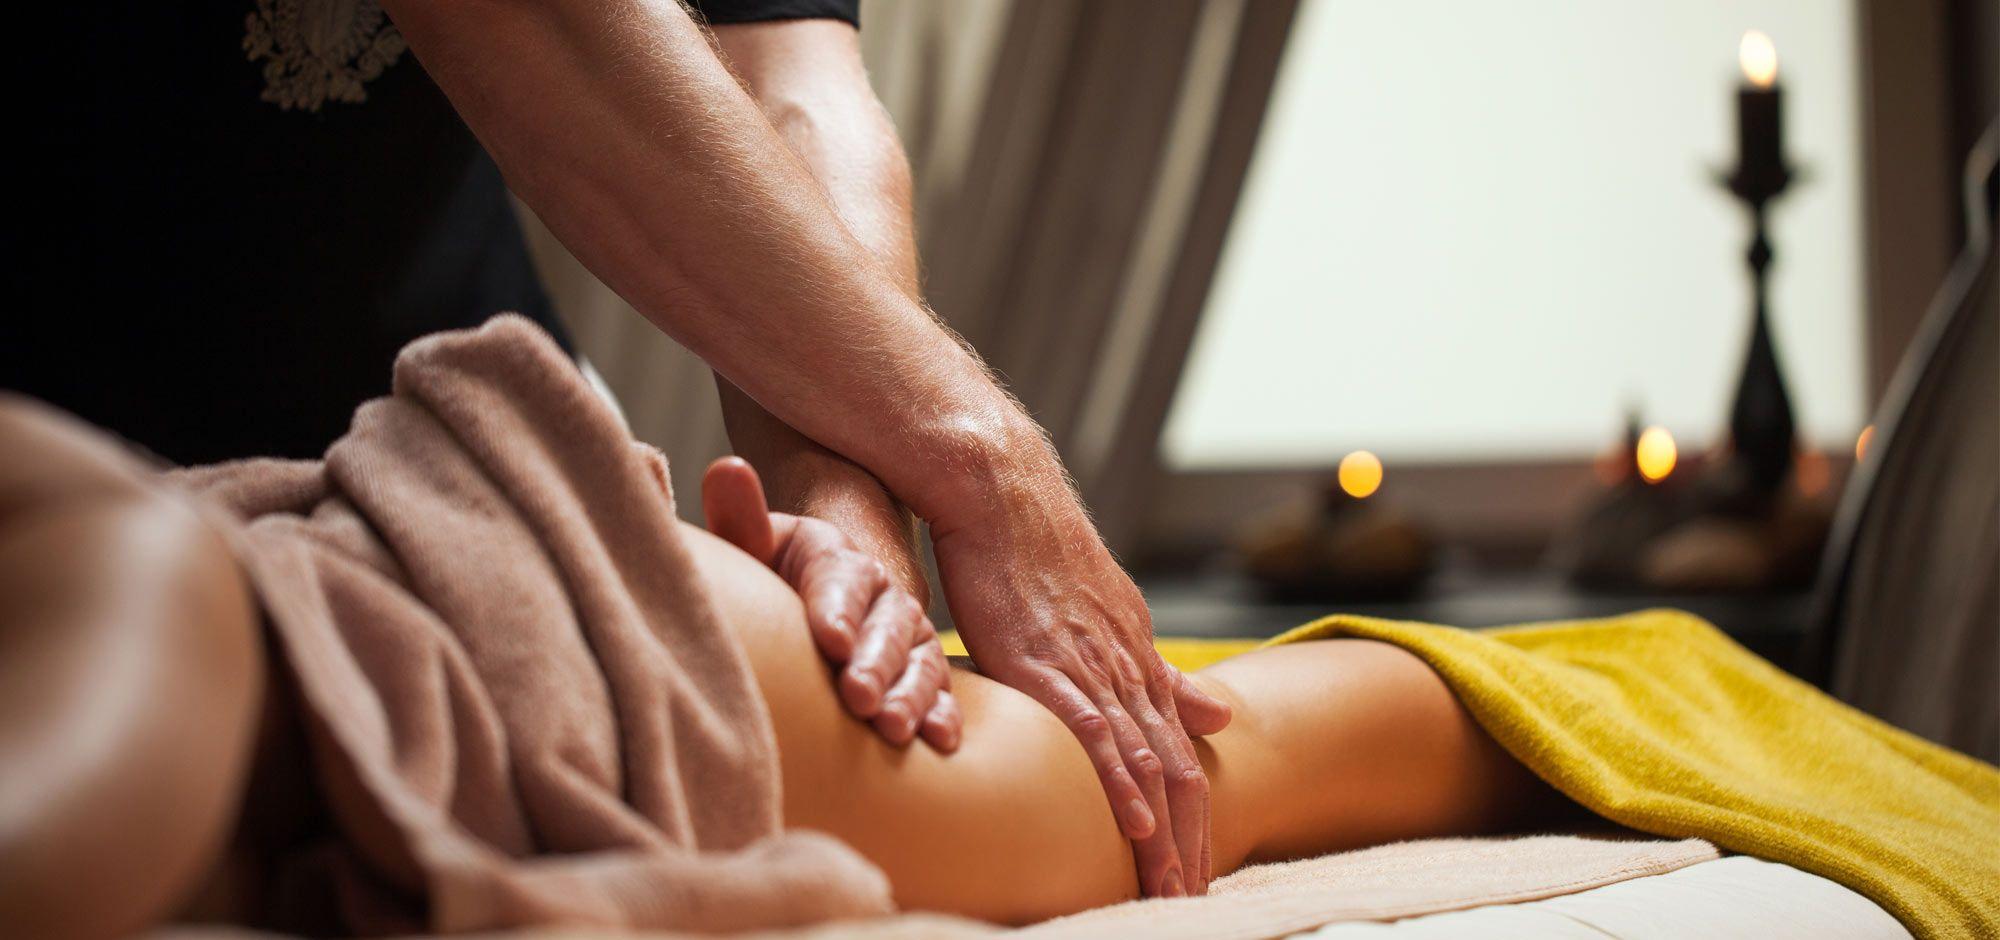 it:Massaggi|fr:Massage|en:Massage|de:Massagen